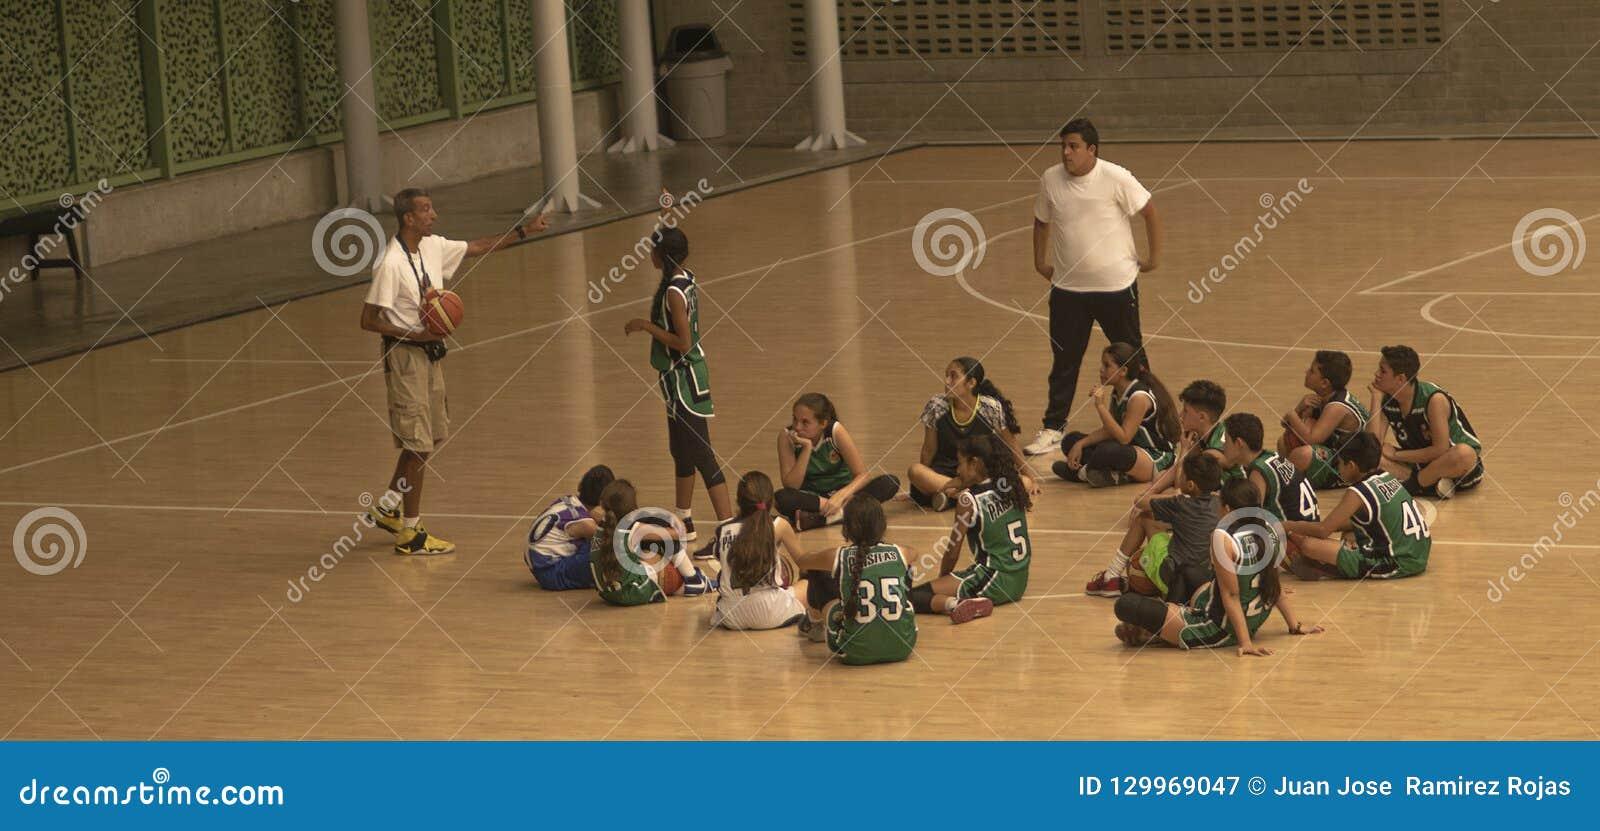 Allenatore di pallacanestro ed il suo gruppo